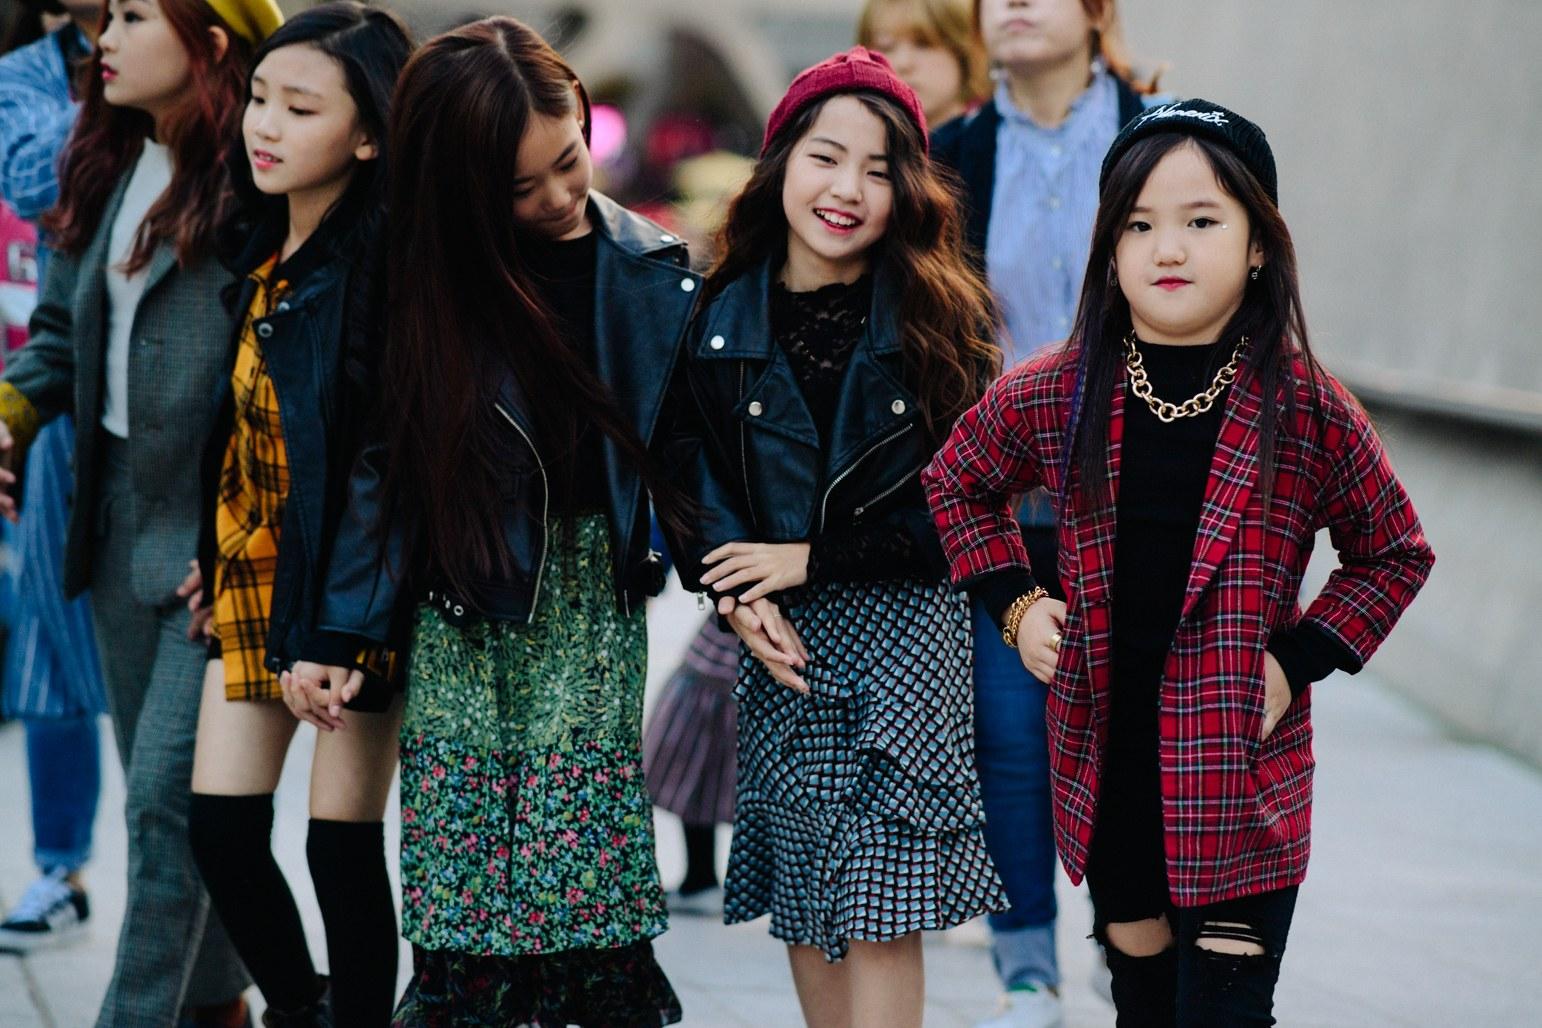 Seoul Fashion Week: Riêng về street style, giới trẻ Hàn nào có thua kém các ngôi sao nổi tiếng - Ảnh 21.